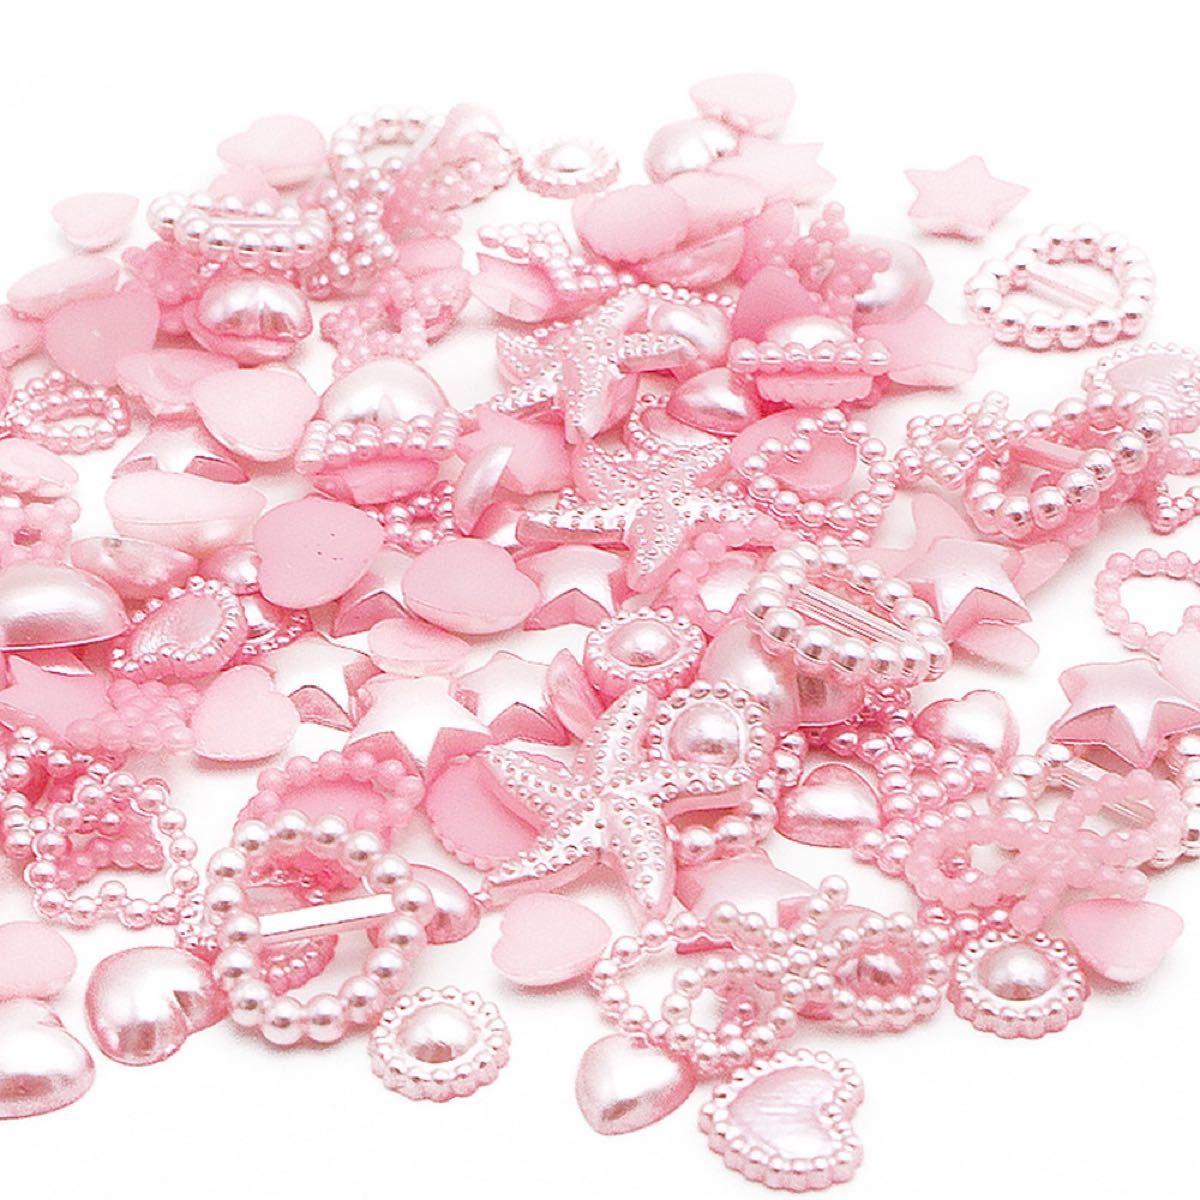 デコパーツ ピンク 100個 DIY ハンドメイド資材